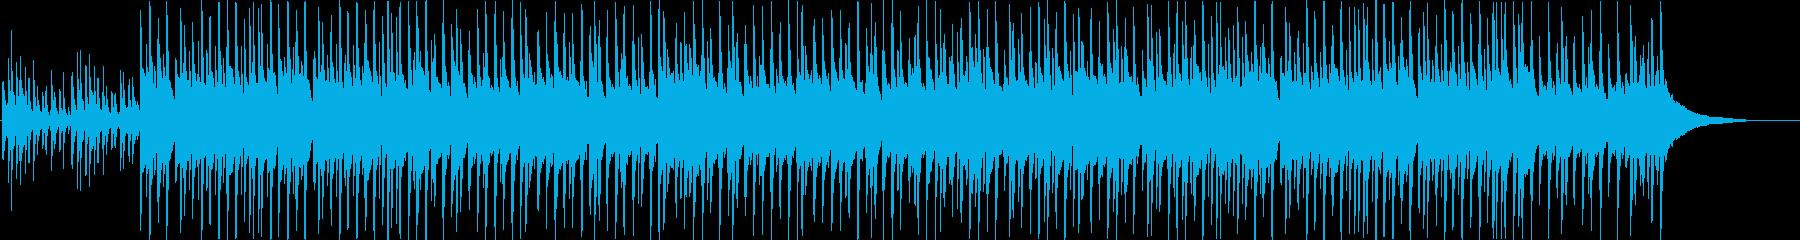 明るい沖縄風BGM/観光/旅行/三線の再生済みの波形